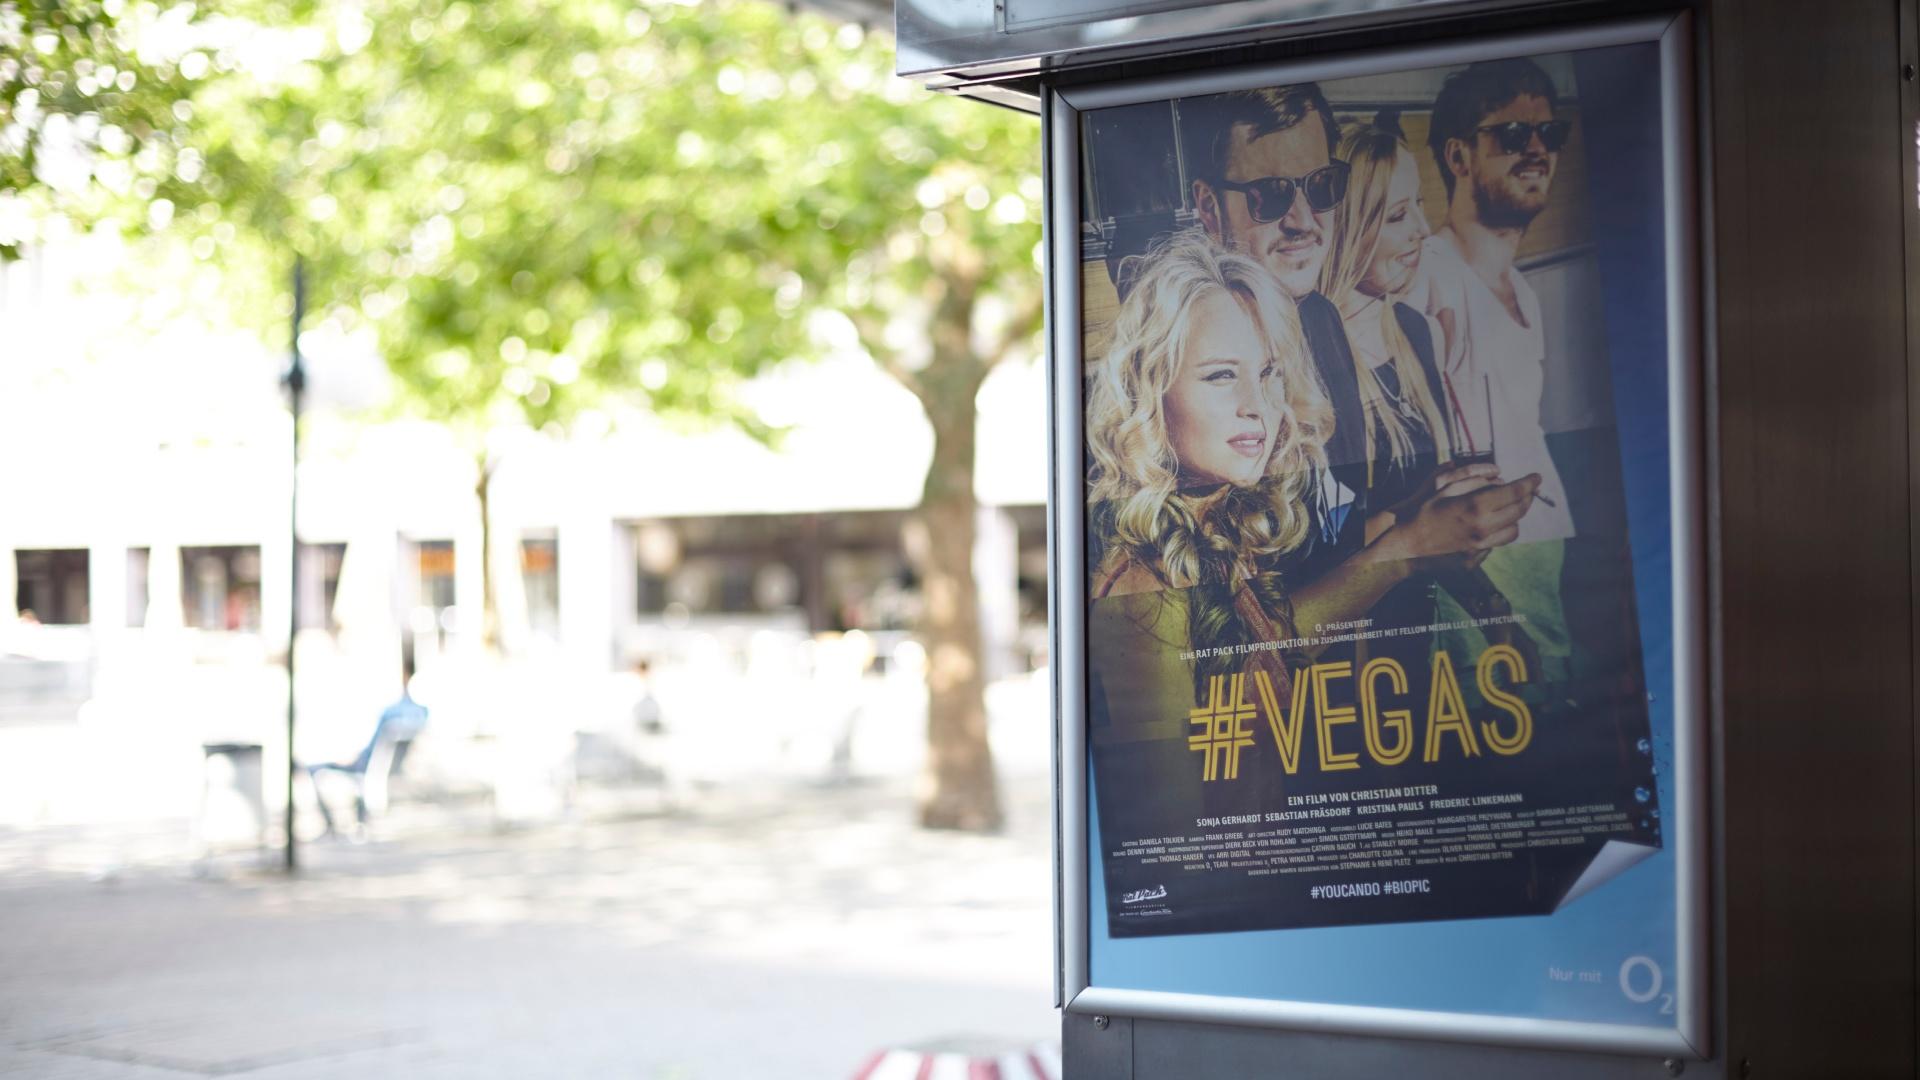 Film #Vegas social Biopic